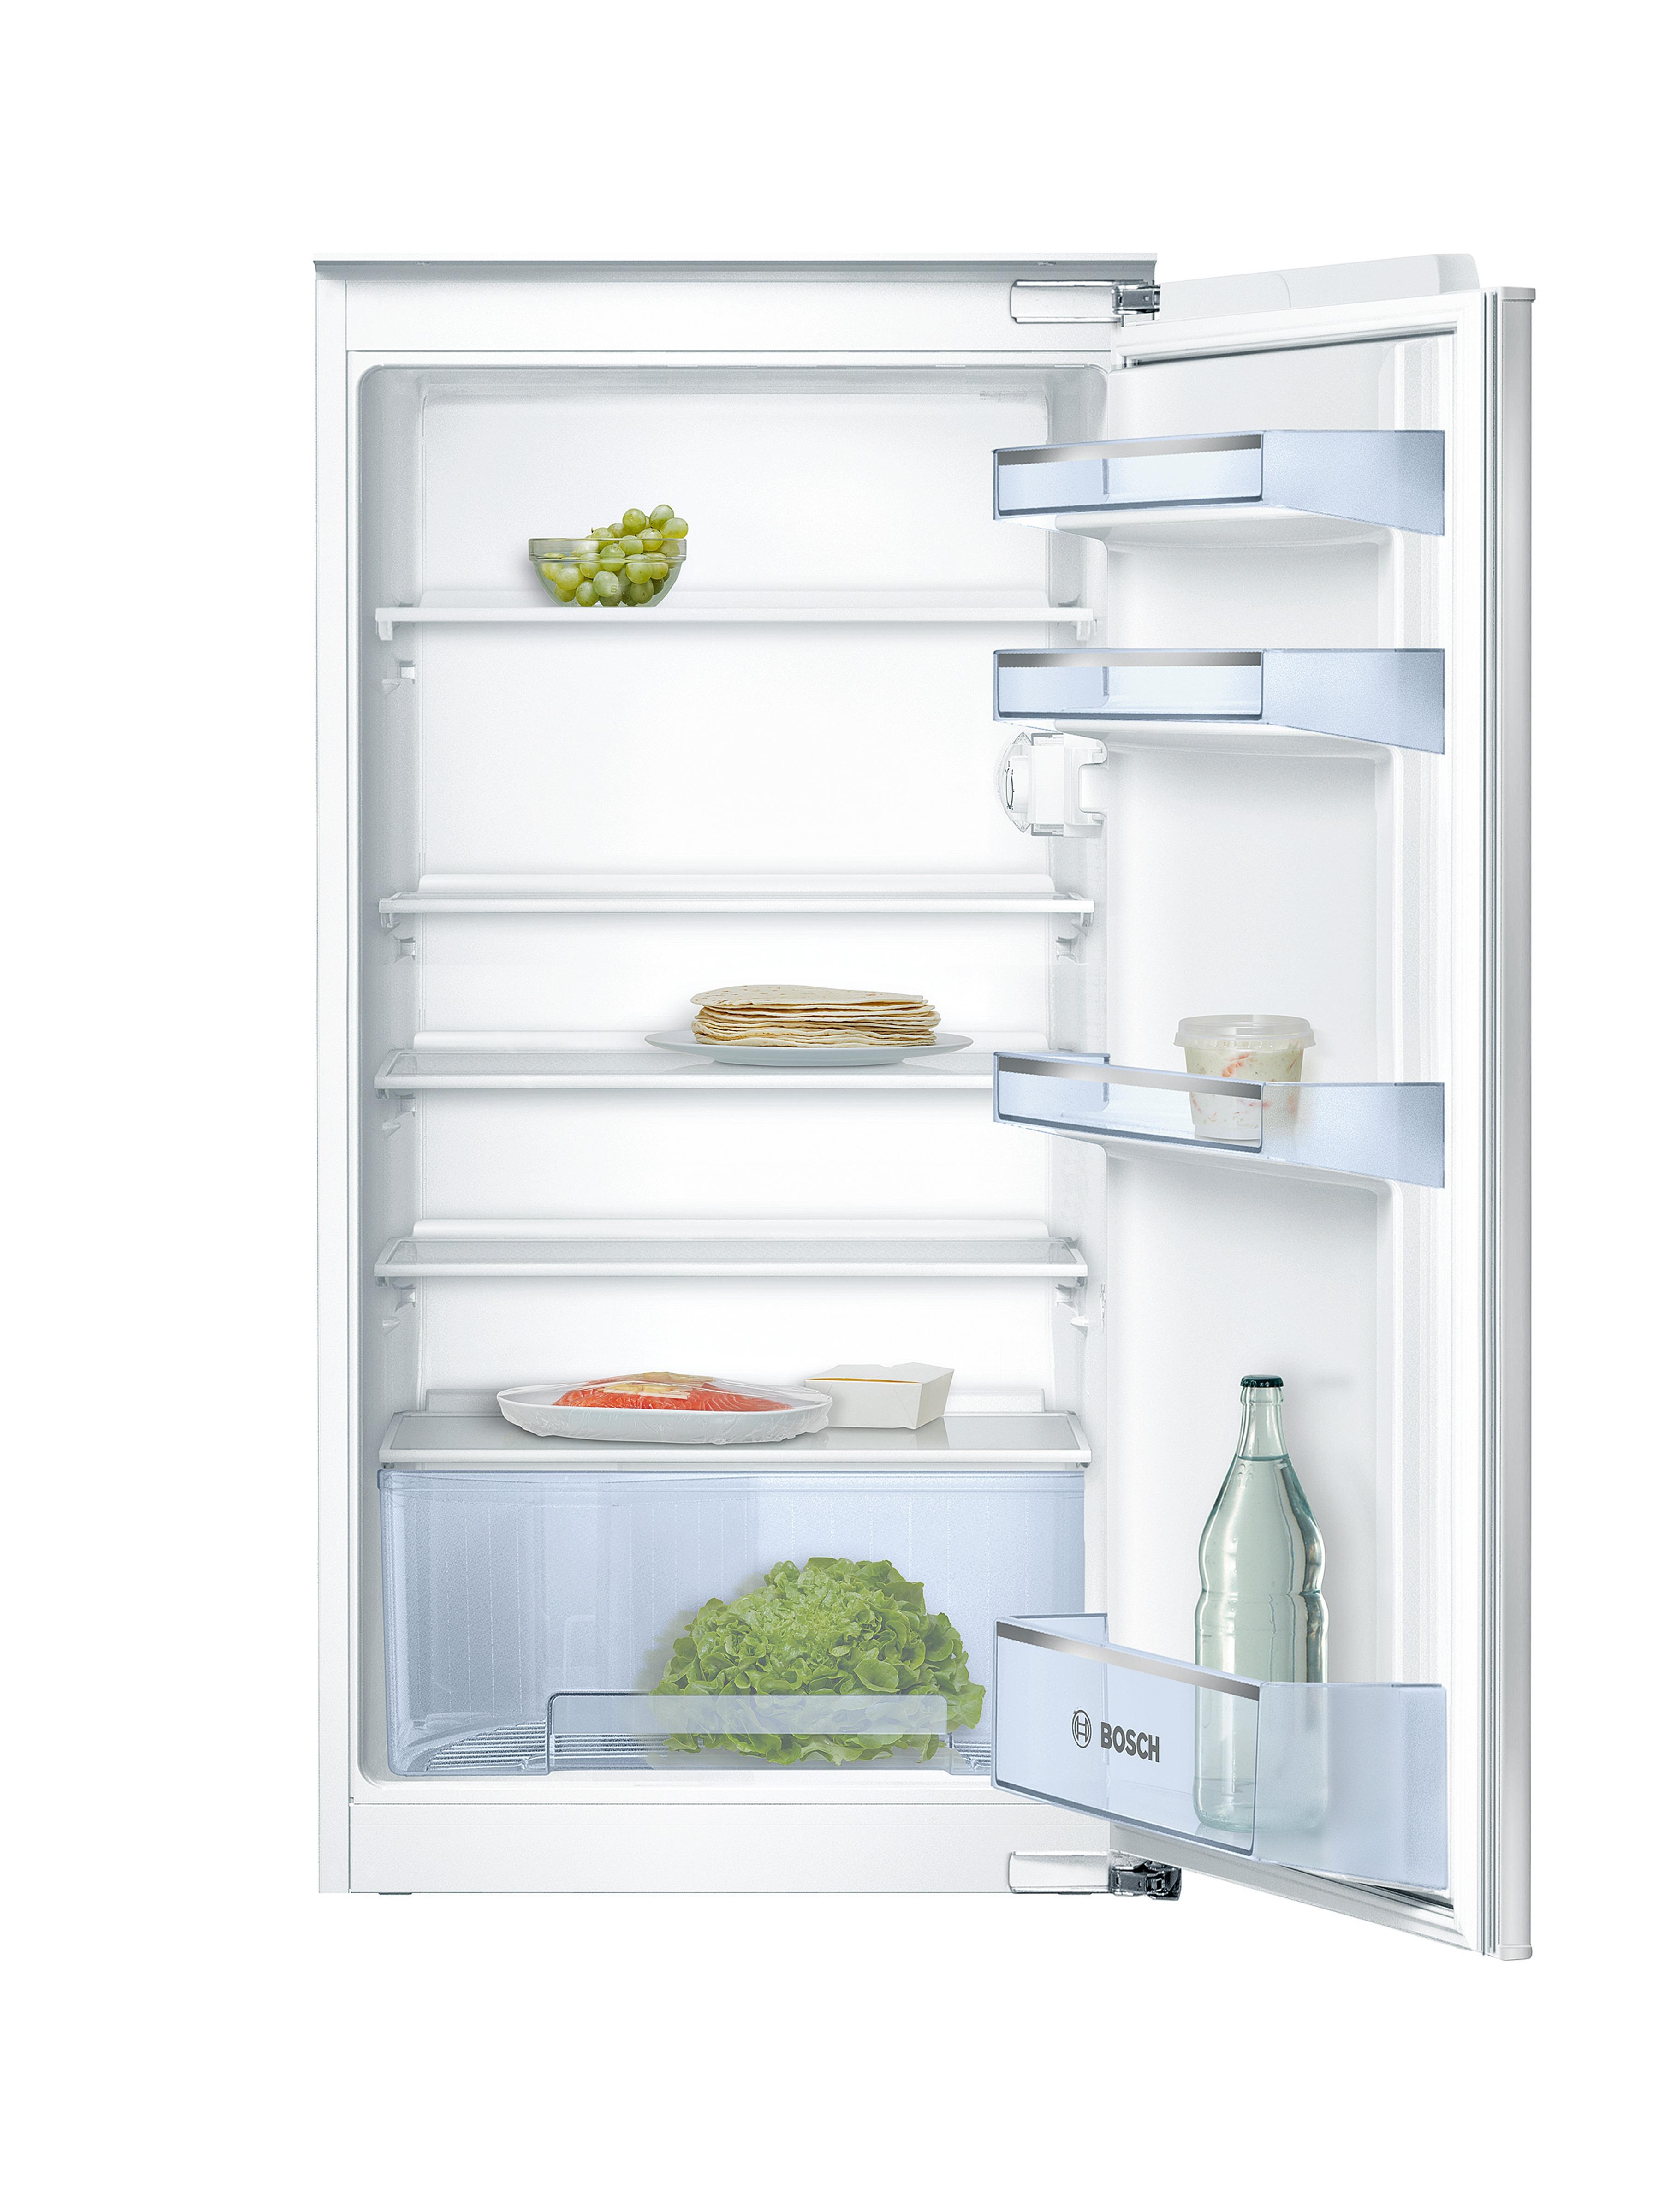 Korting Bosch KIR20V60 inbouw koelkast